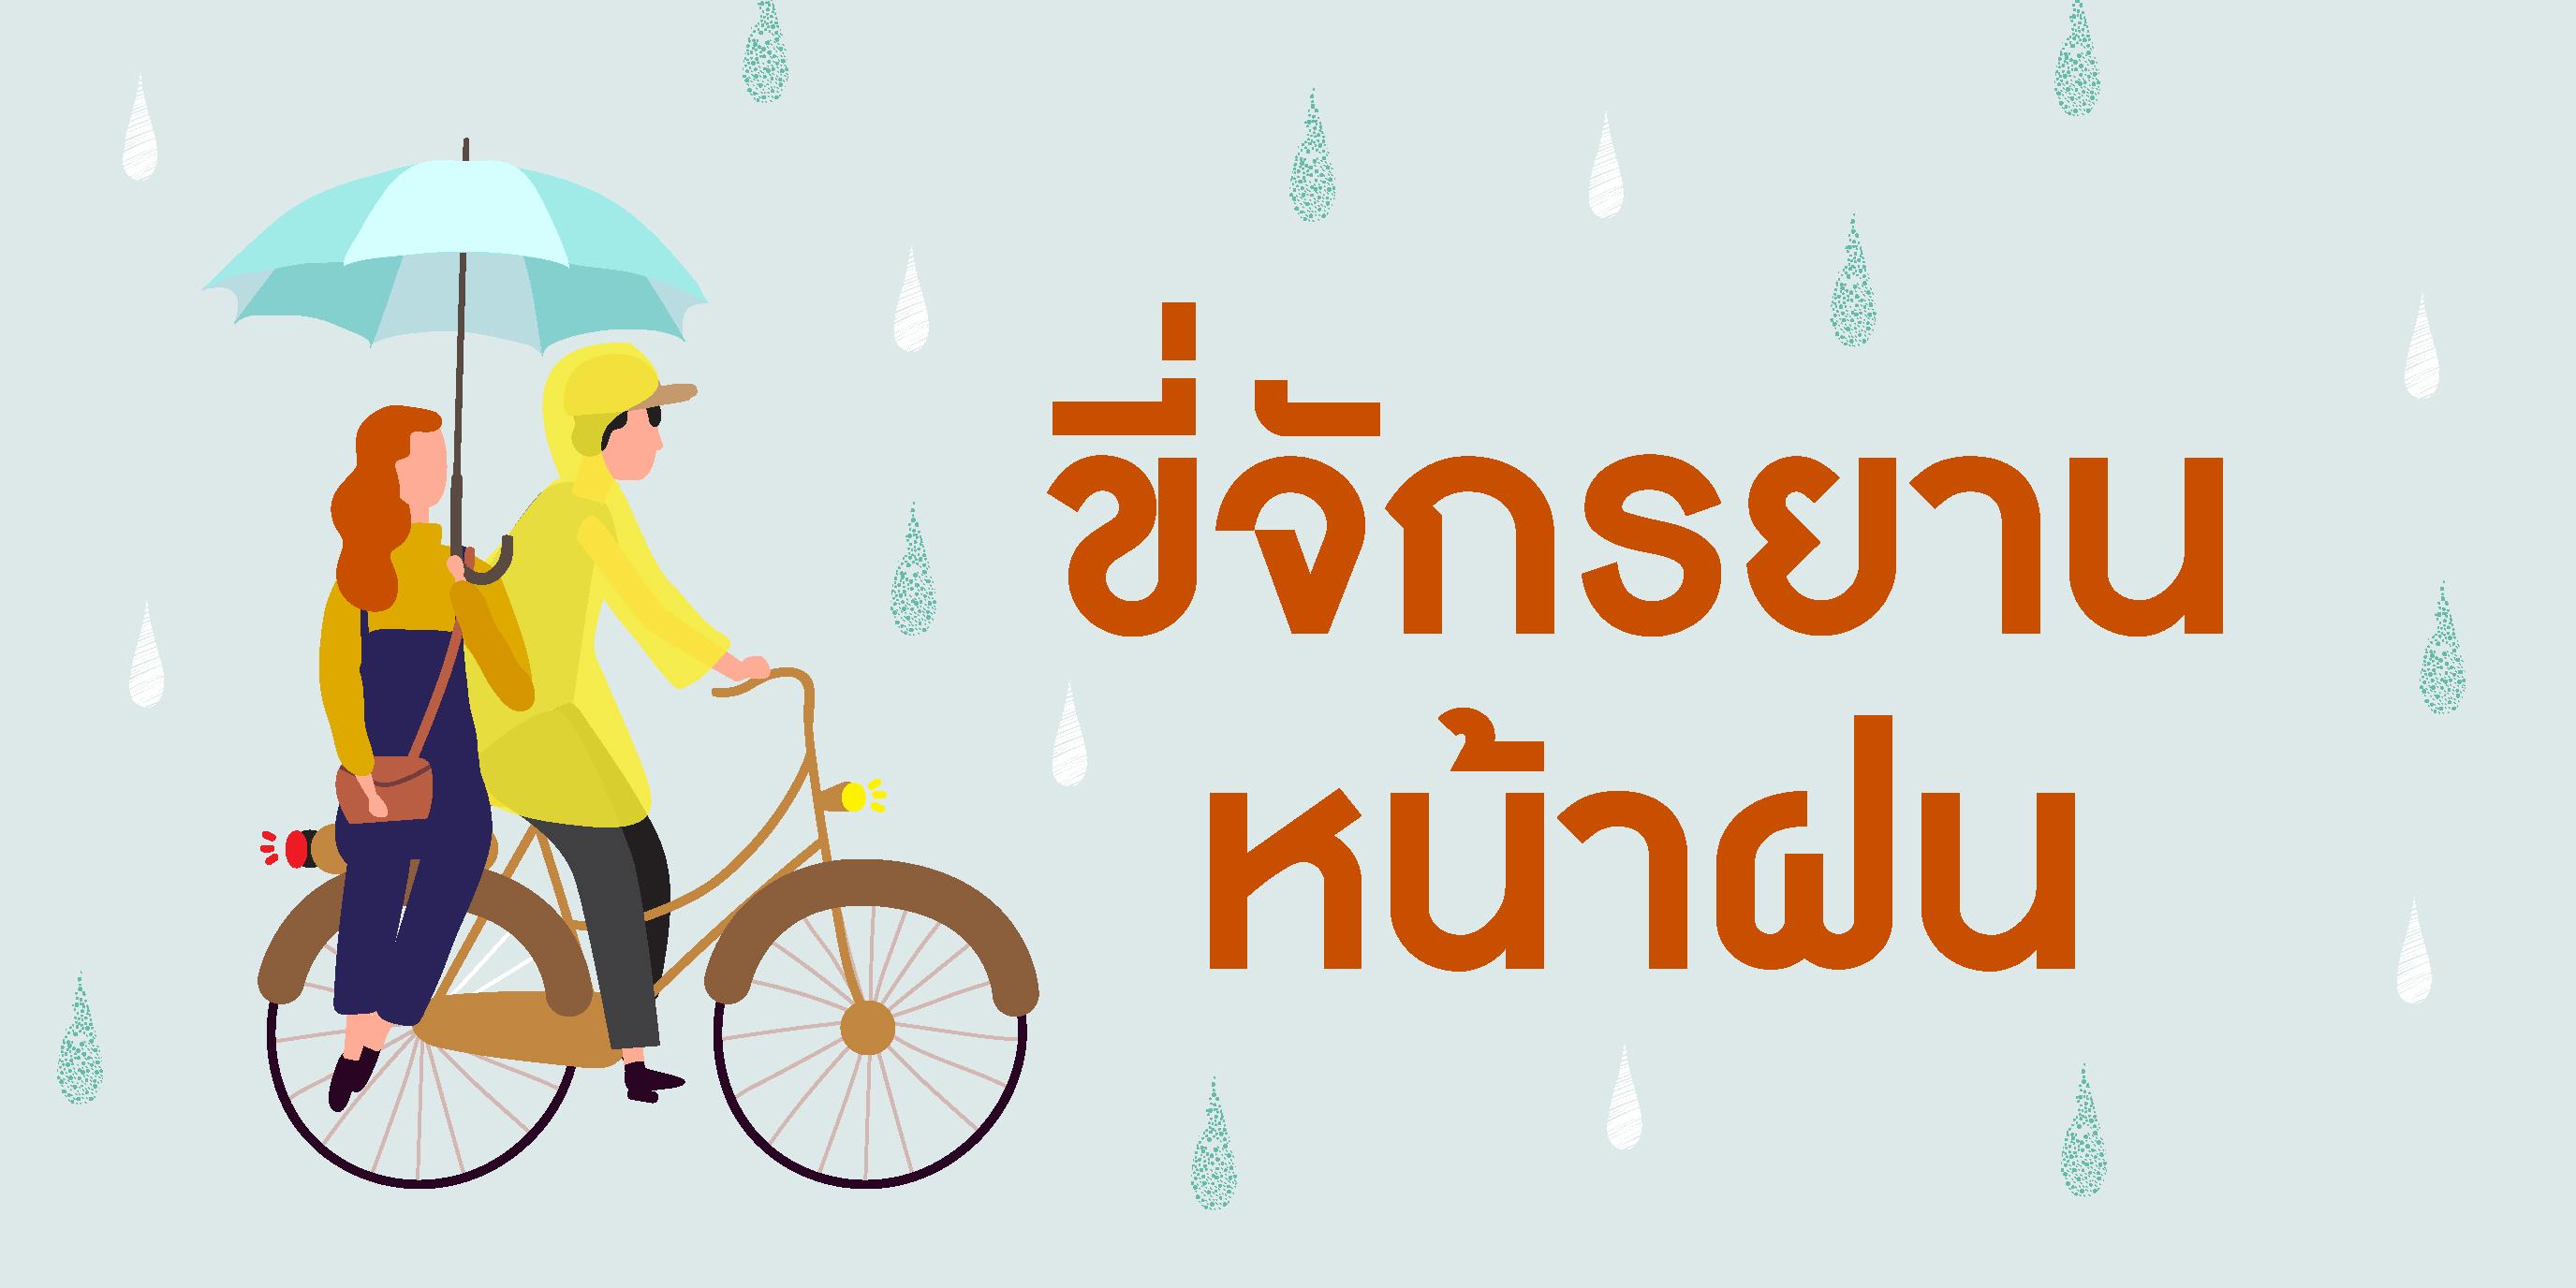 ขี่จักรยานหน้าฝน About learning to ride in the rain